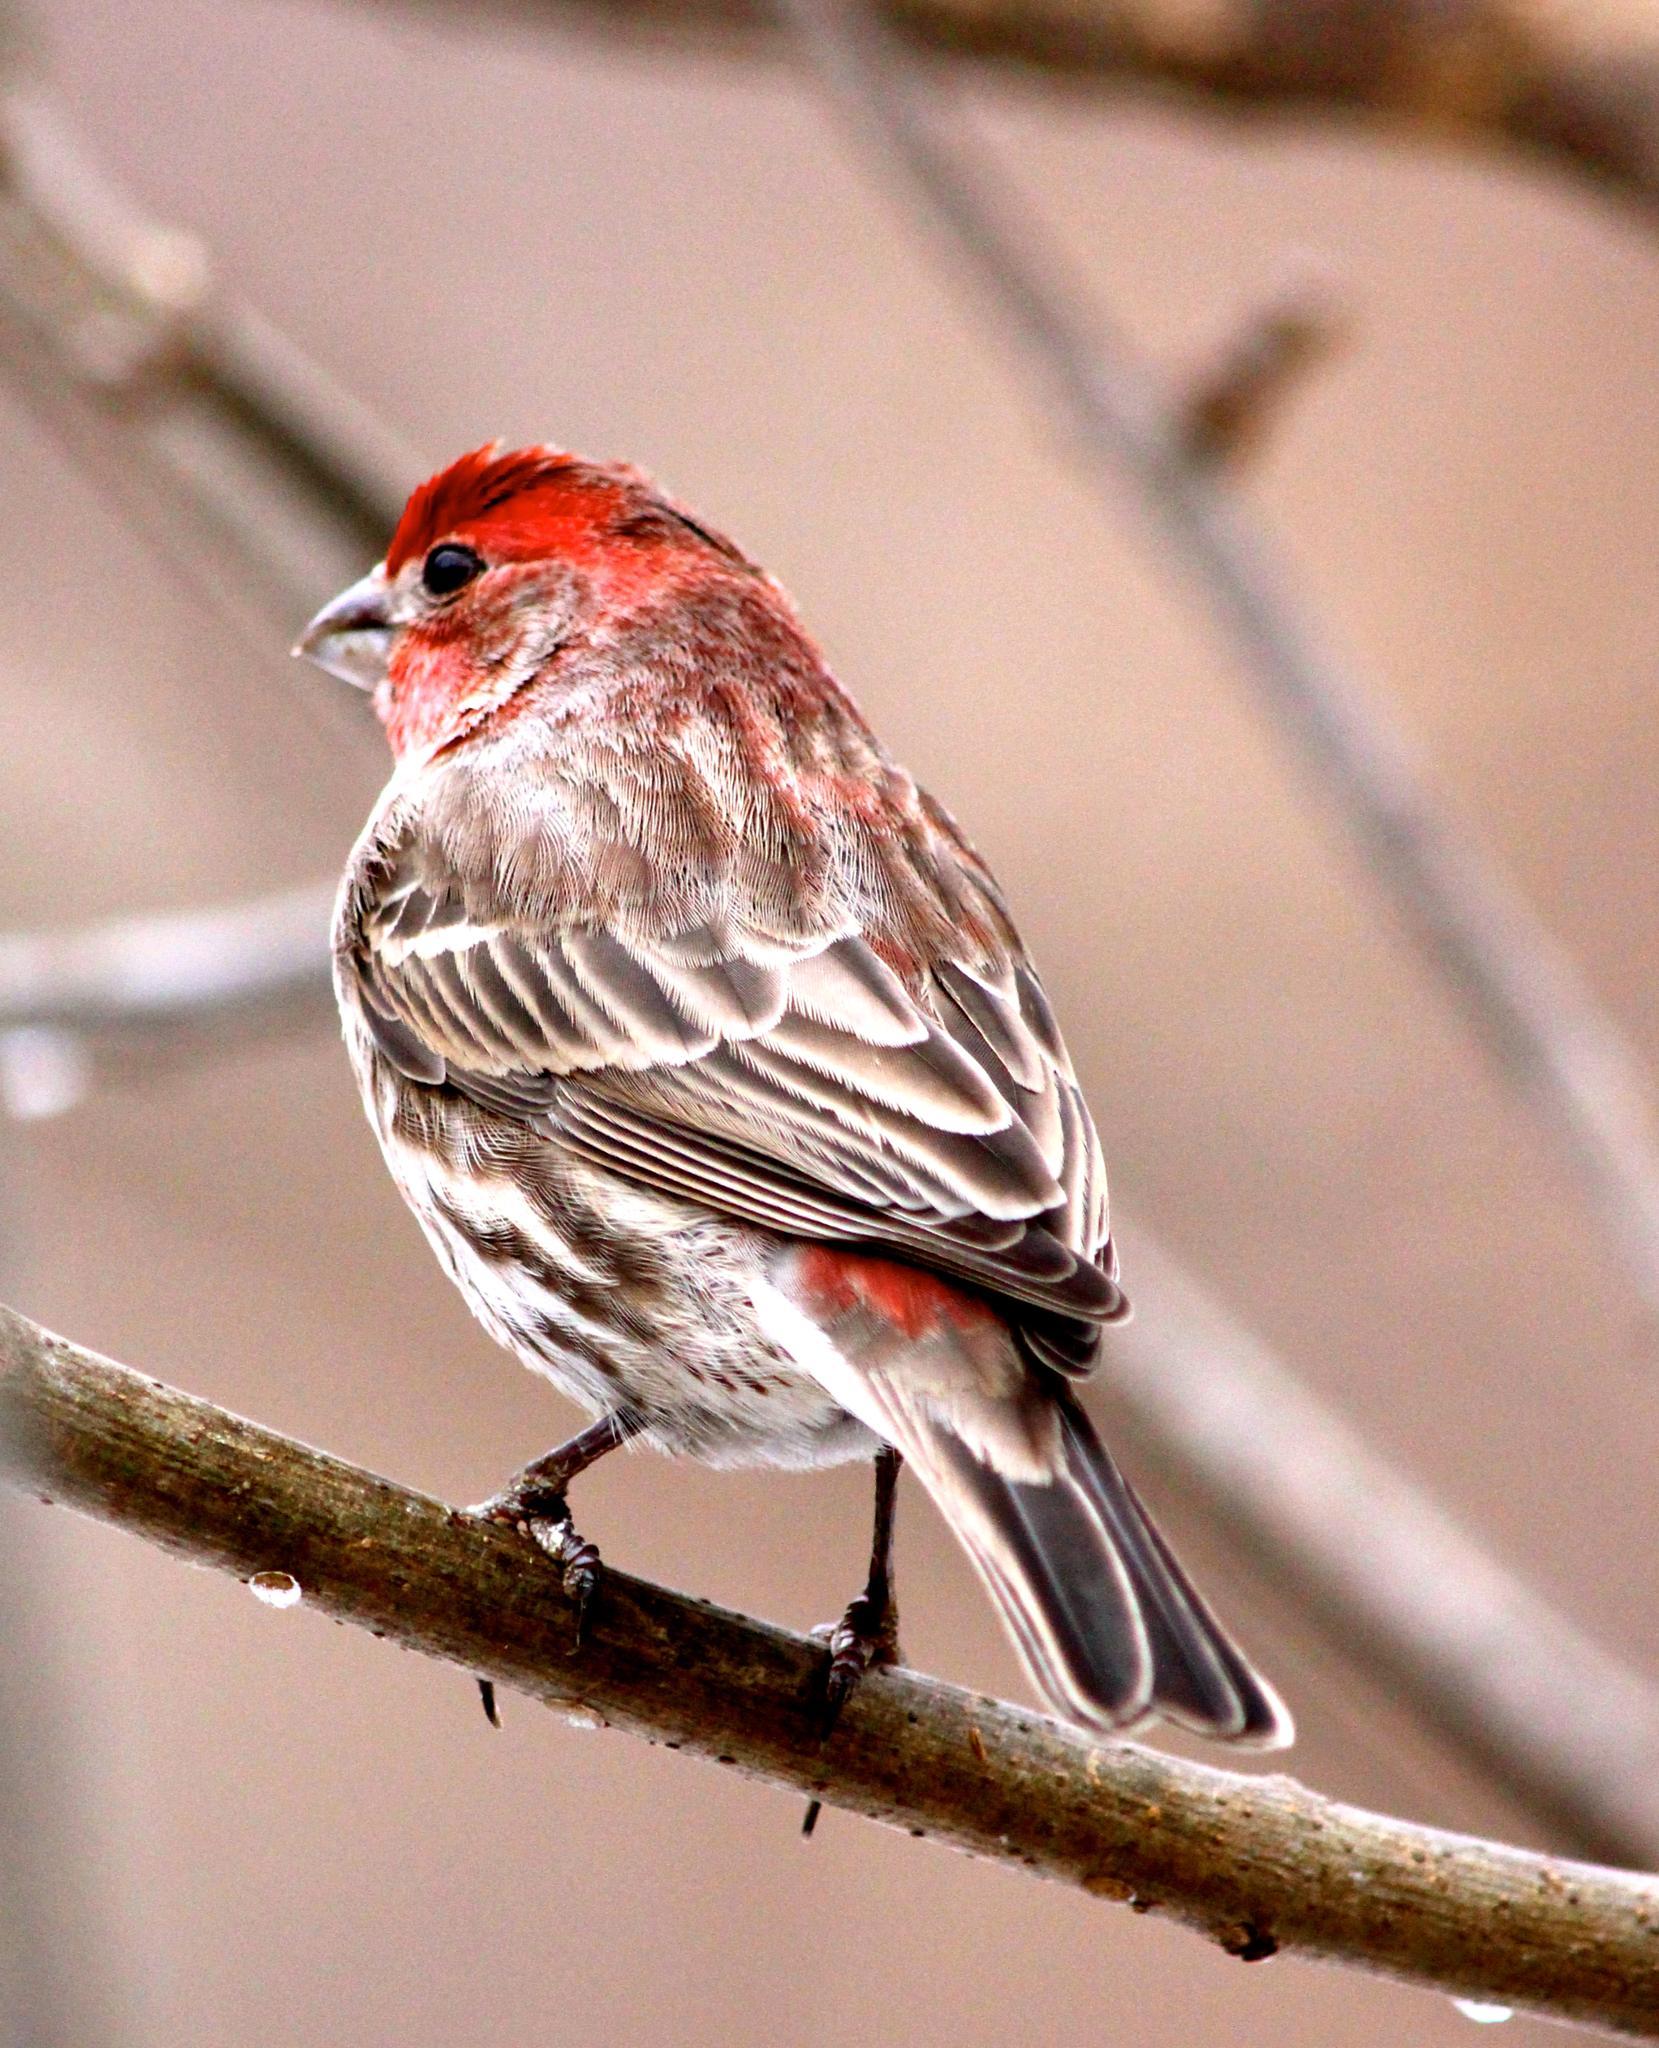 Lil Red Bird by konrath_ds